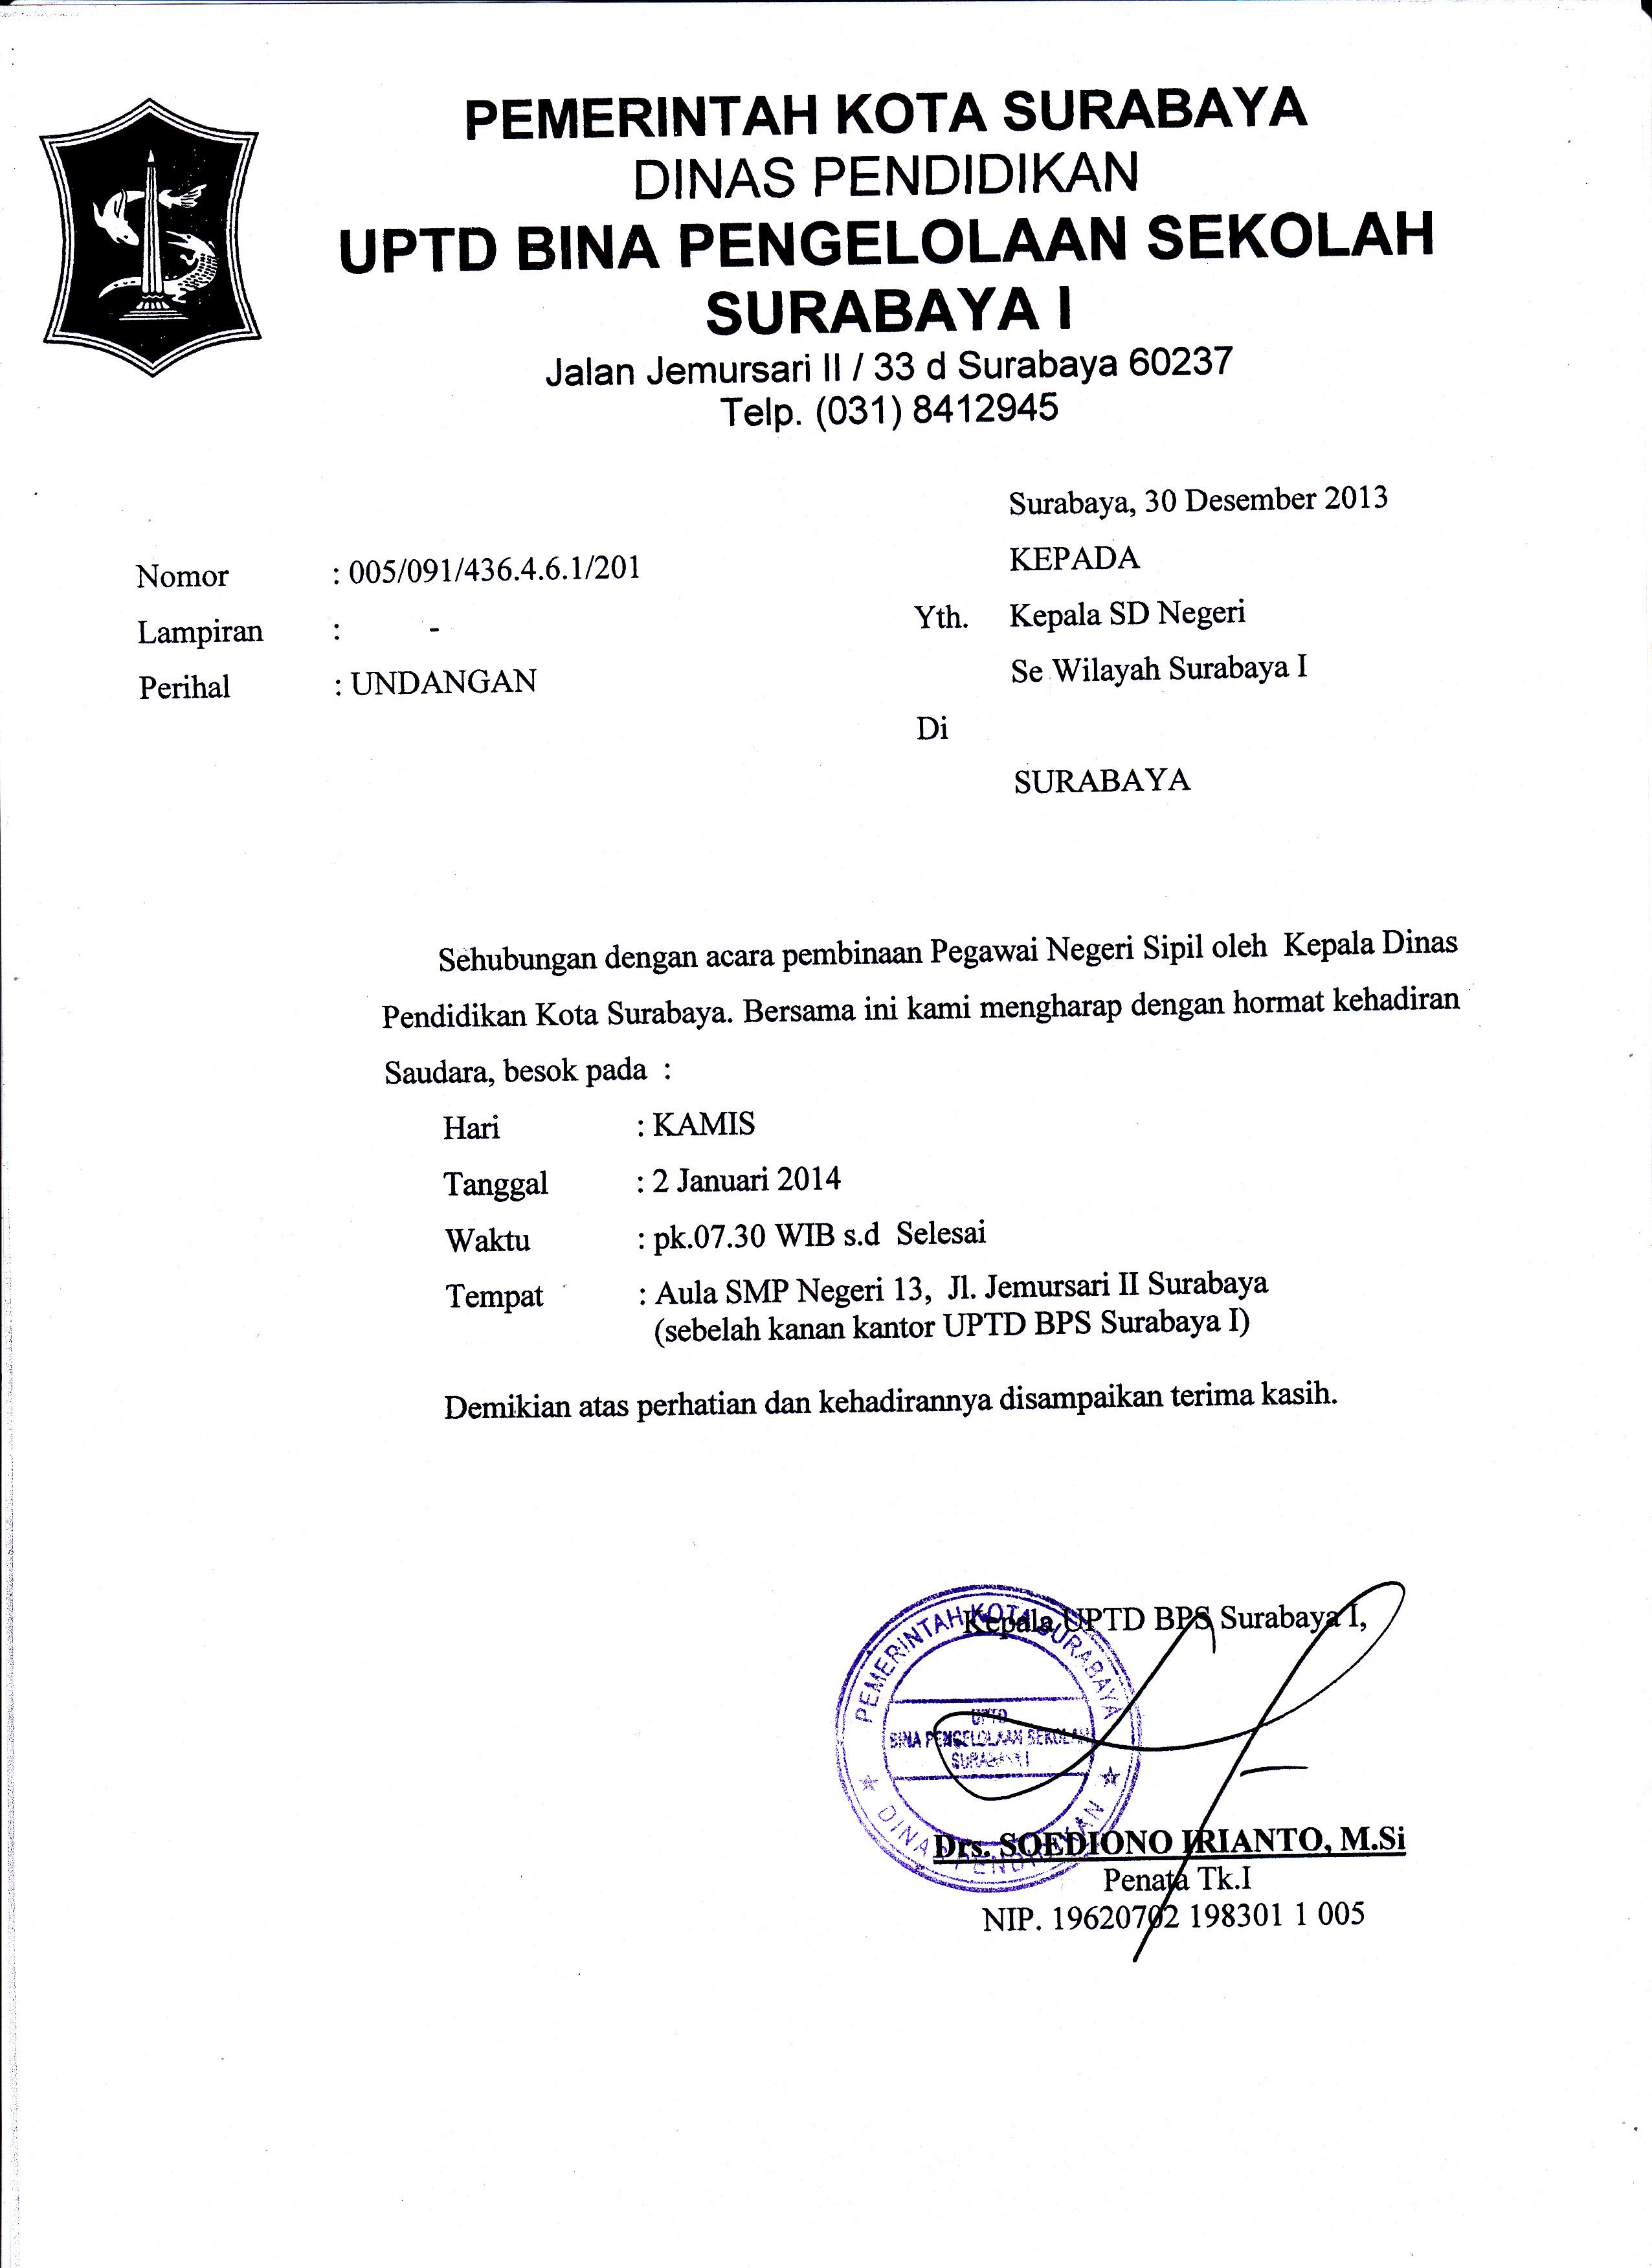 Sd Uptd Bps Surabaya 1 Laman 6